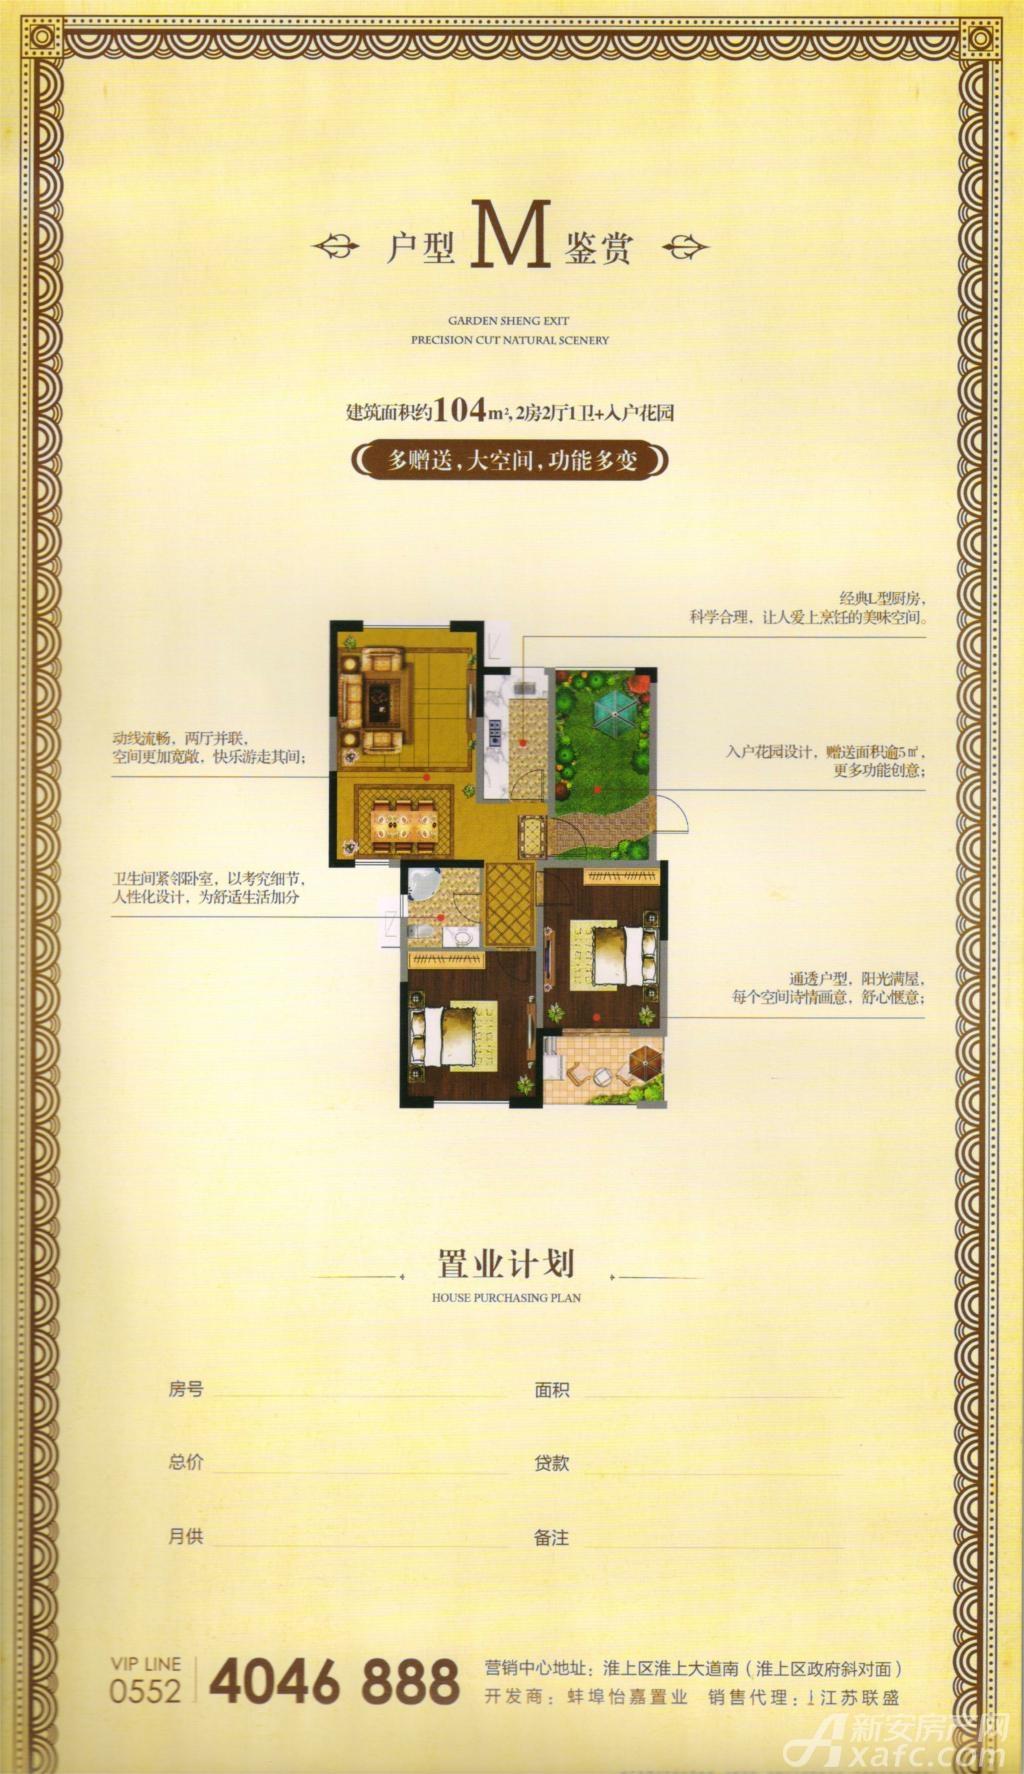 上河时代M户型2室2厅104平米